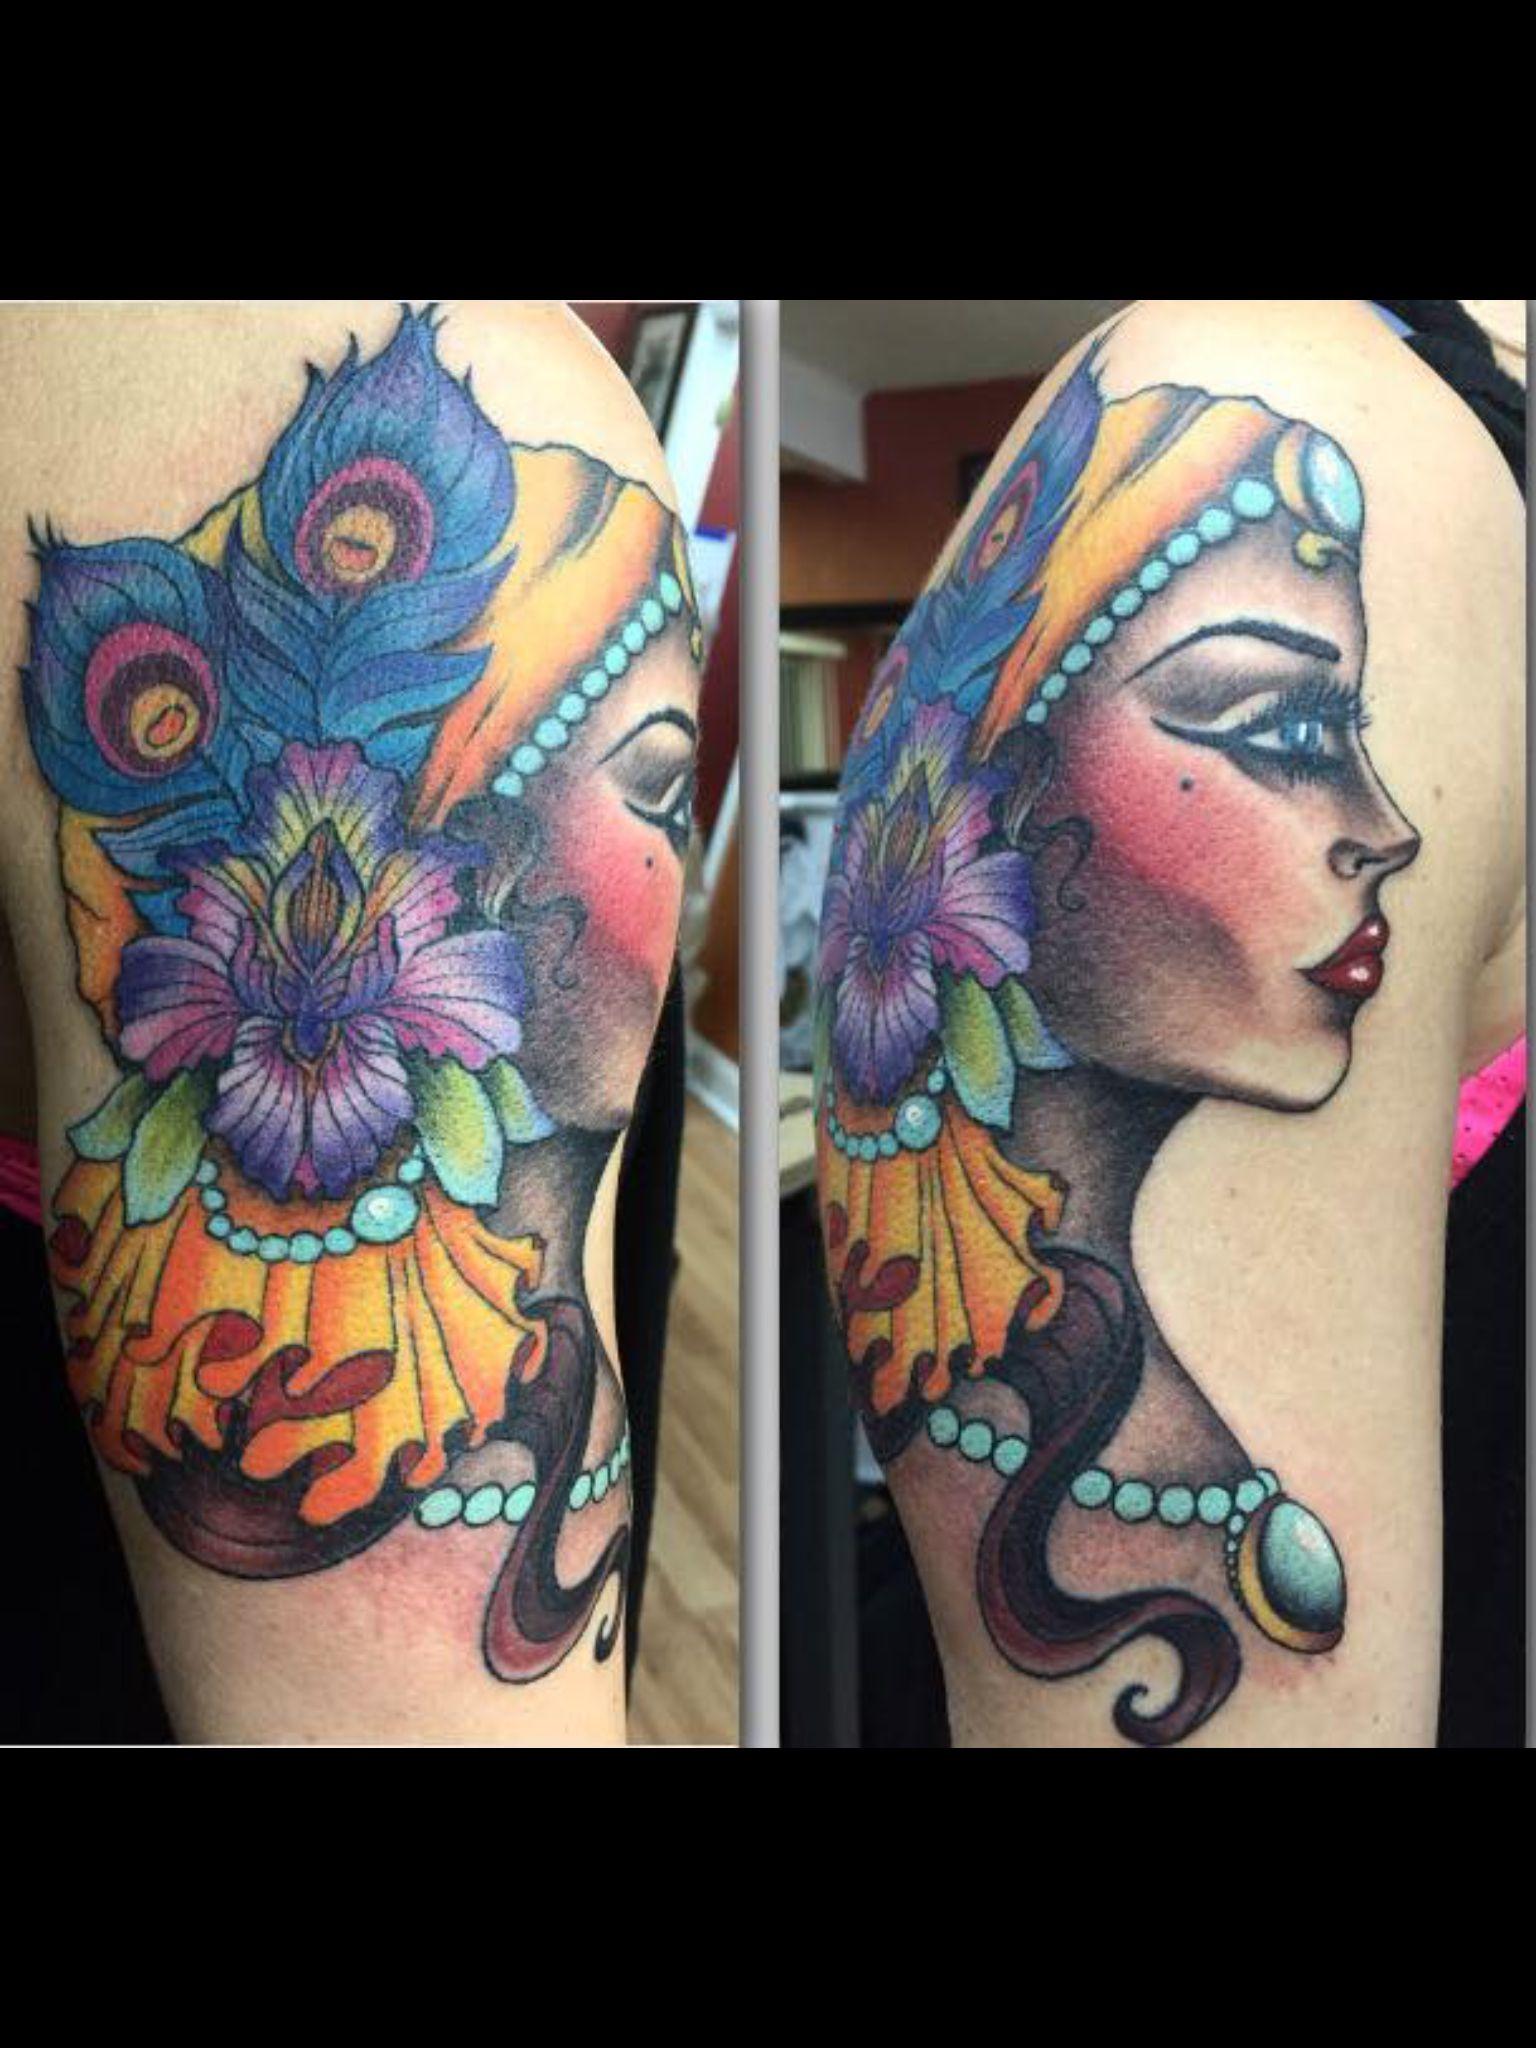 Pretty gypsy tattoo by Audrey Mello